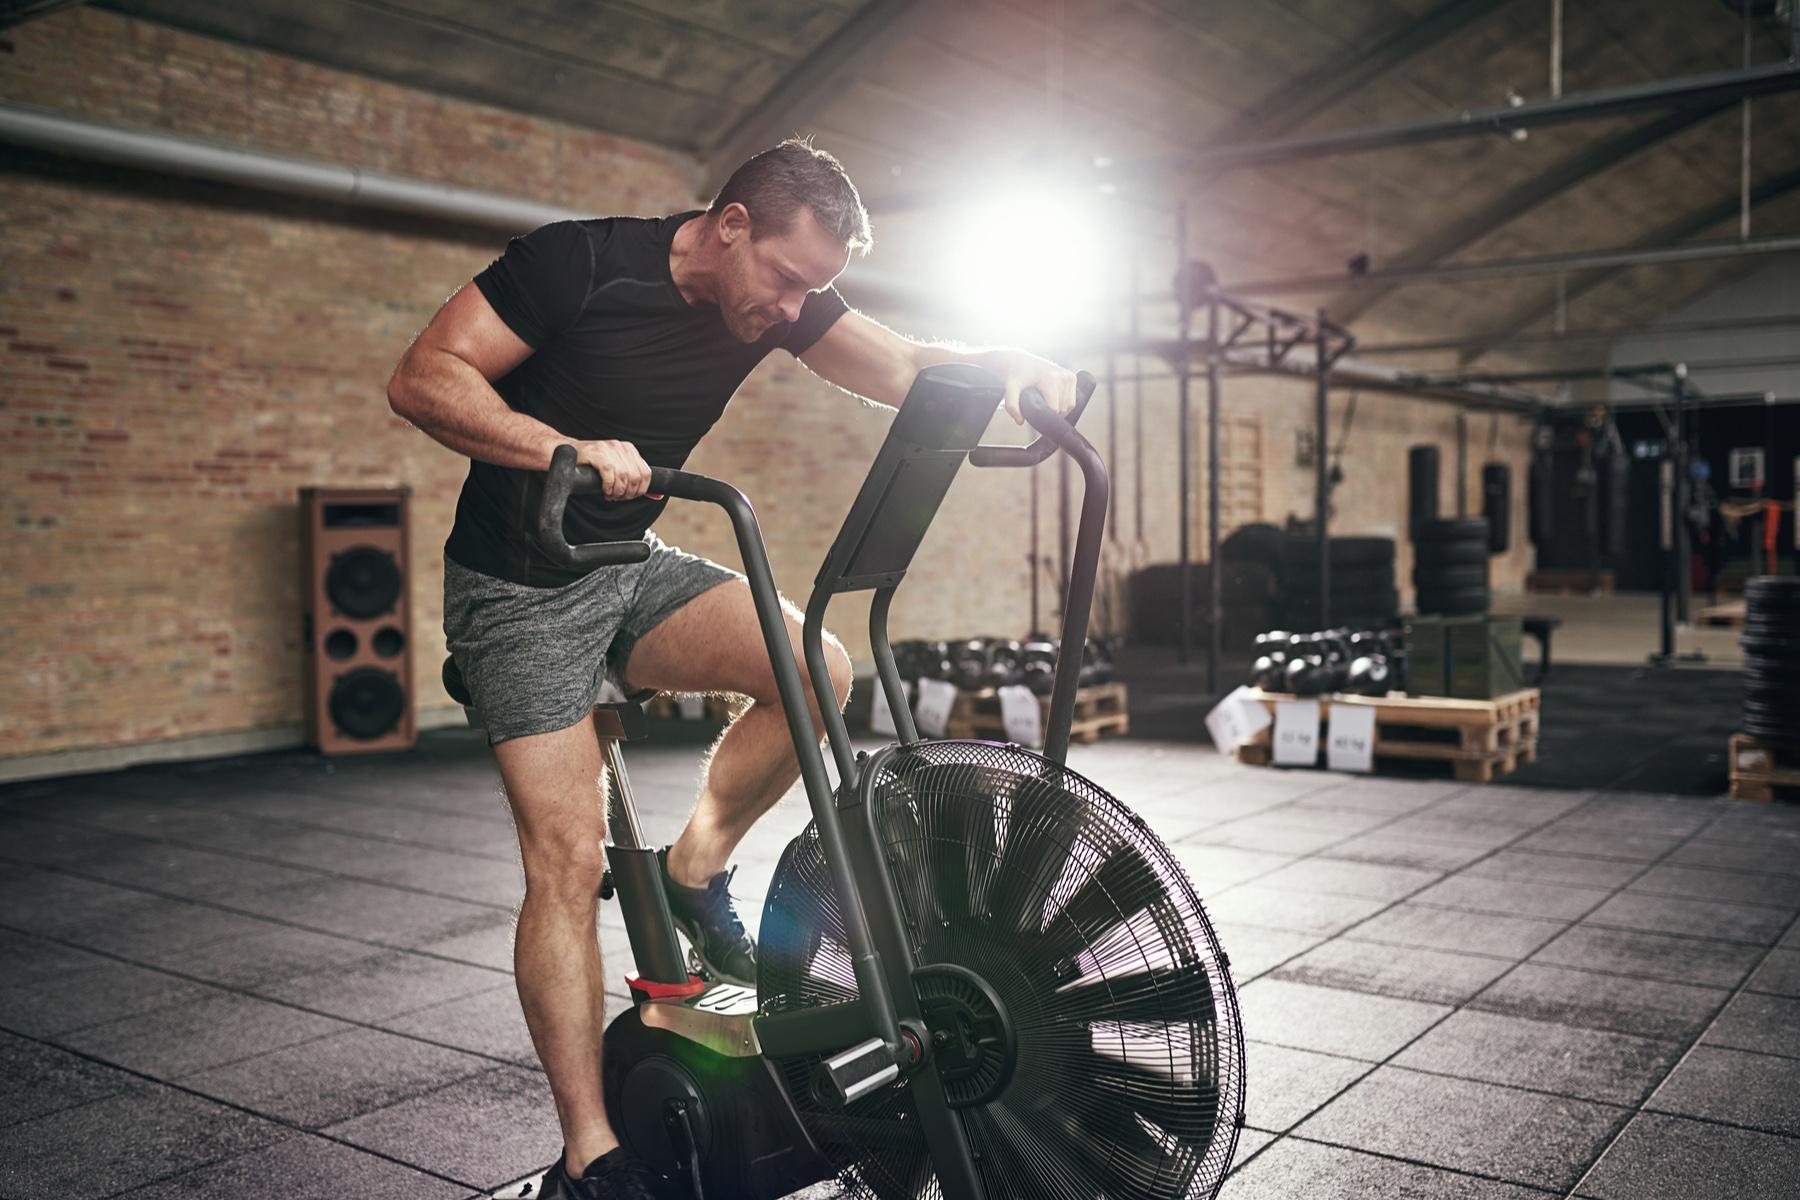 Man cycling at a gym